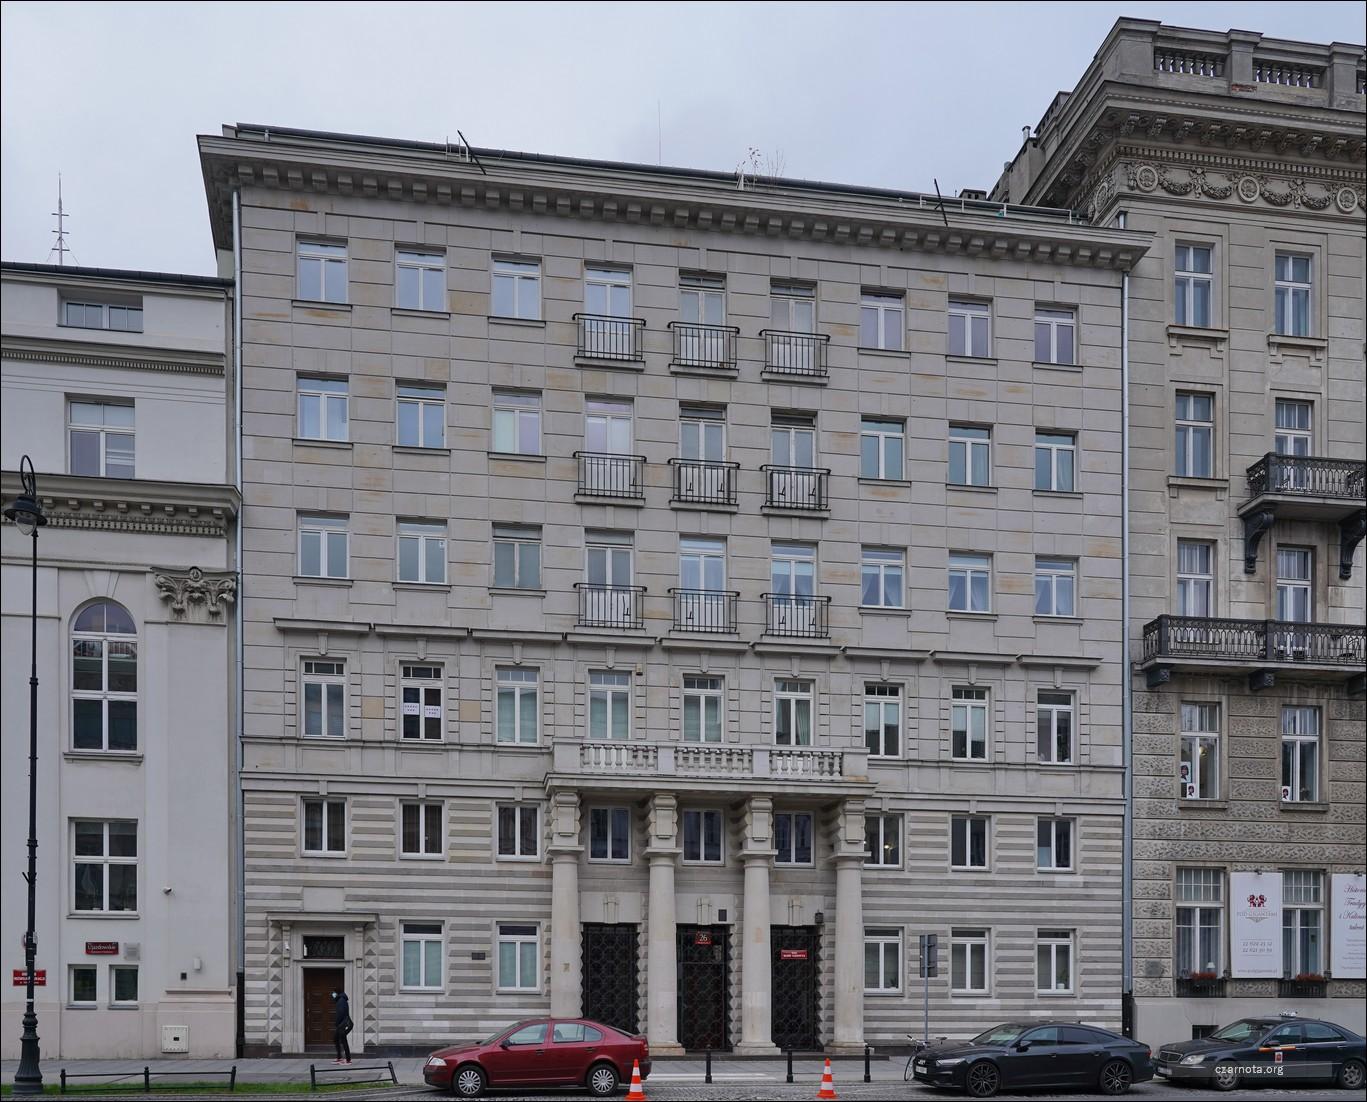 Warszawa, Aleje Ujazdowskie 26 w 2008 i 2020 roku